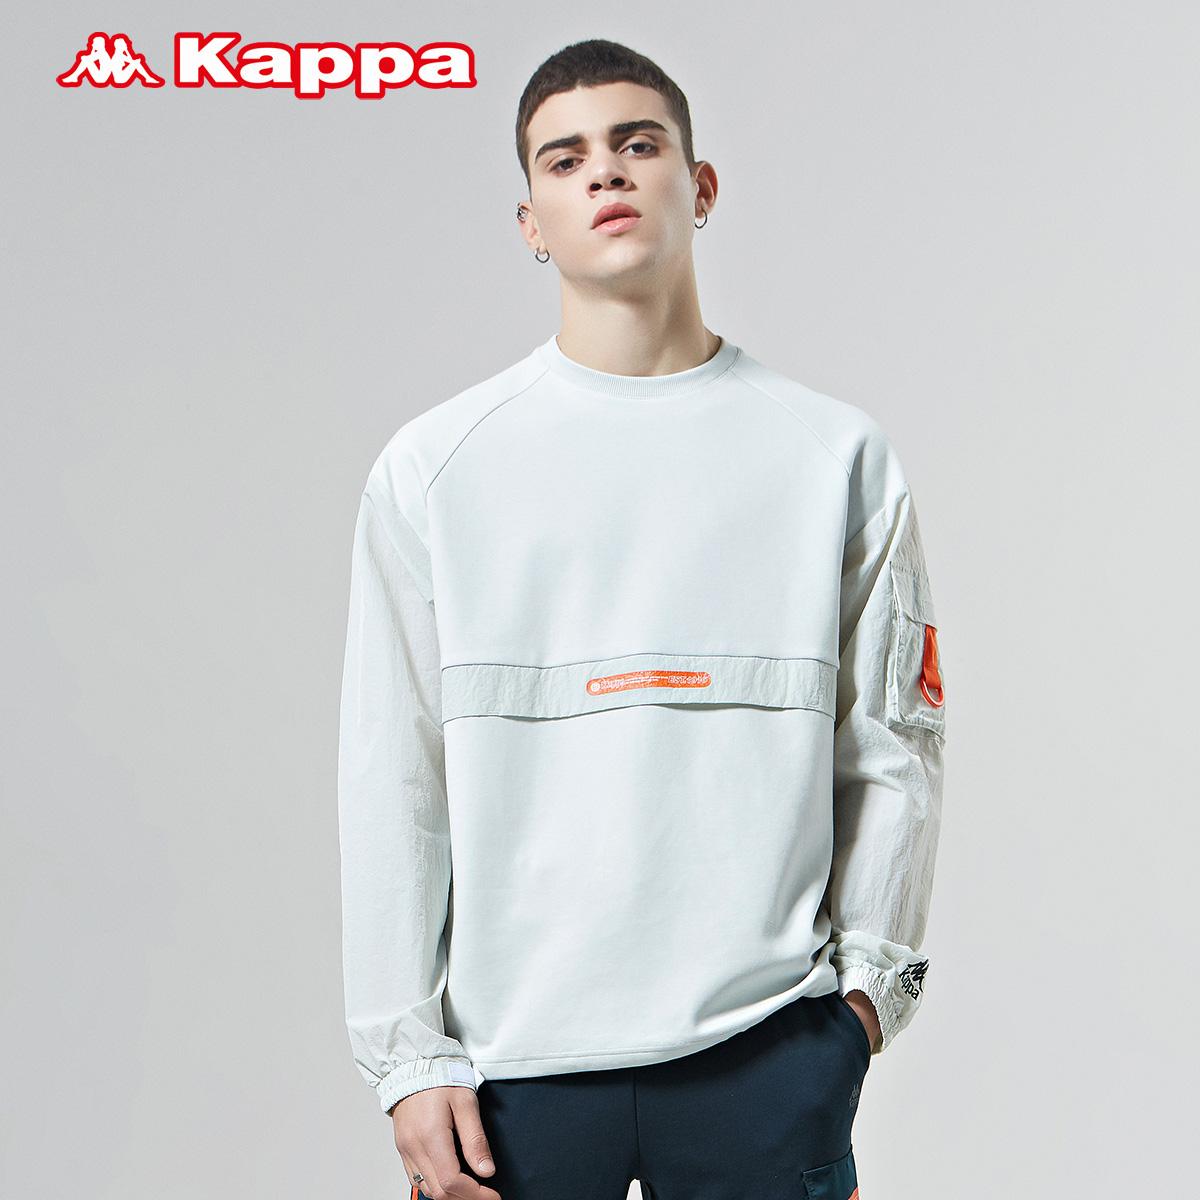 Kappa卡帕男款运动卫衣休闲工装圆领外套长袖套头上衣2020新款